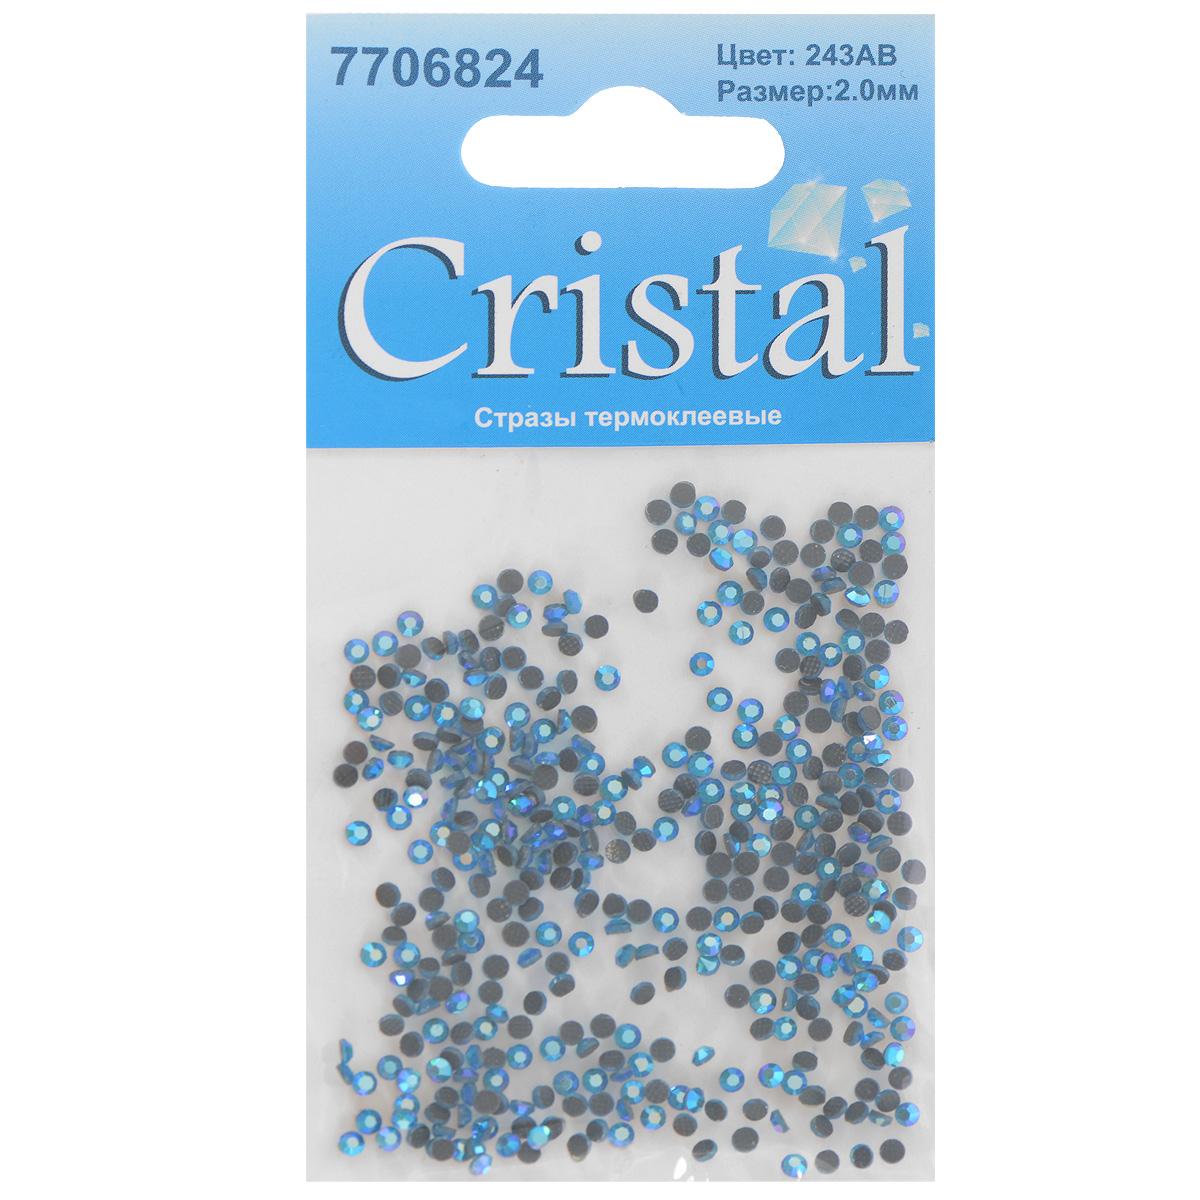 Стразы термоклеевые Cristal, цвет: светло-синий (243АВ), диаметр 2 мм, 432 шт7706824_243ABНабор термоклеевых страз Cristal, изготовленный из высококачественного акрила, позволит вам украсить одежду, аксессуары или текстиль. Яркие стразы имеют плоское дно и круглую поверхность с гранями.Дно термоклеевых страз уже обработано особым клеем, который под воздействием высоких температур начинает плавиться, приклеиваясь, таким образом, к требуемой поверхности. Чаще всего их используют в текстильной промышленности: стразы прикладывают к ткани и проглаживают утюгом с обратной стороны. Также можно использовать специальный паяльник. Украшение стразами поможет сделать любую вещь оригинальной и неповторимой. Диаметр страз: 2 мм.